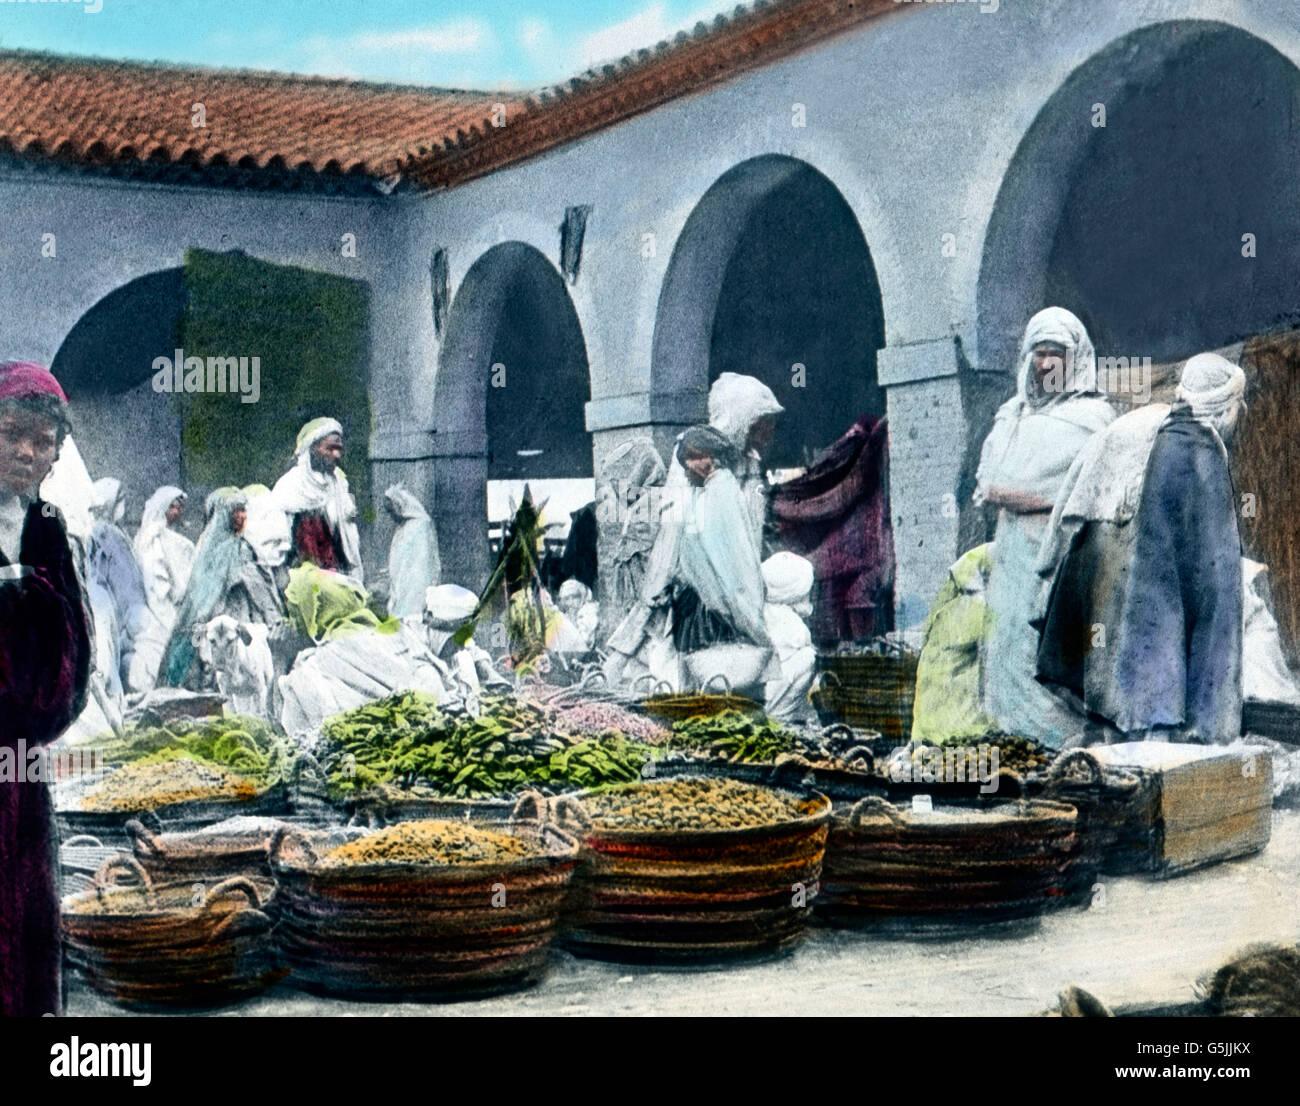 Menschen Kaufen Ein Auf Dem Markt in der Oase Biskra in Tunesien, ca. 1920er Jahre. Menschen, die auf dem Markt Stockbild